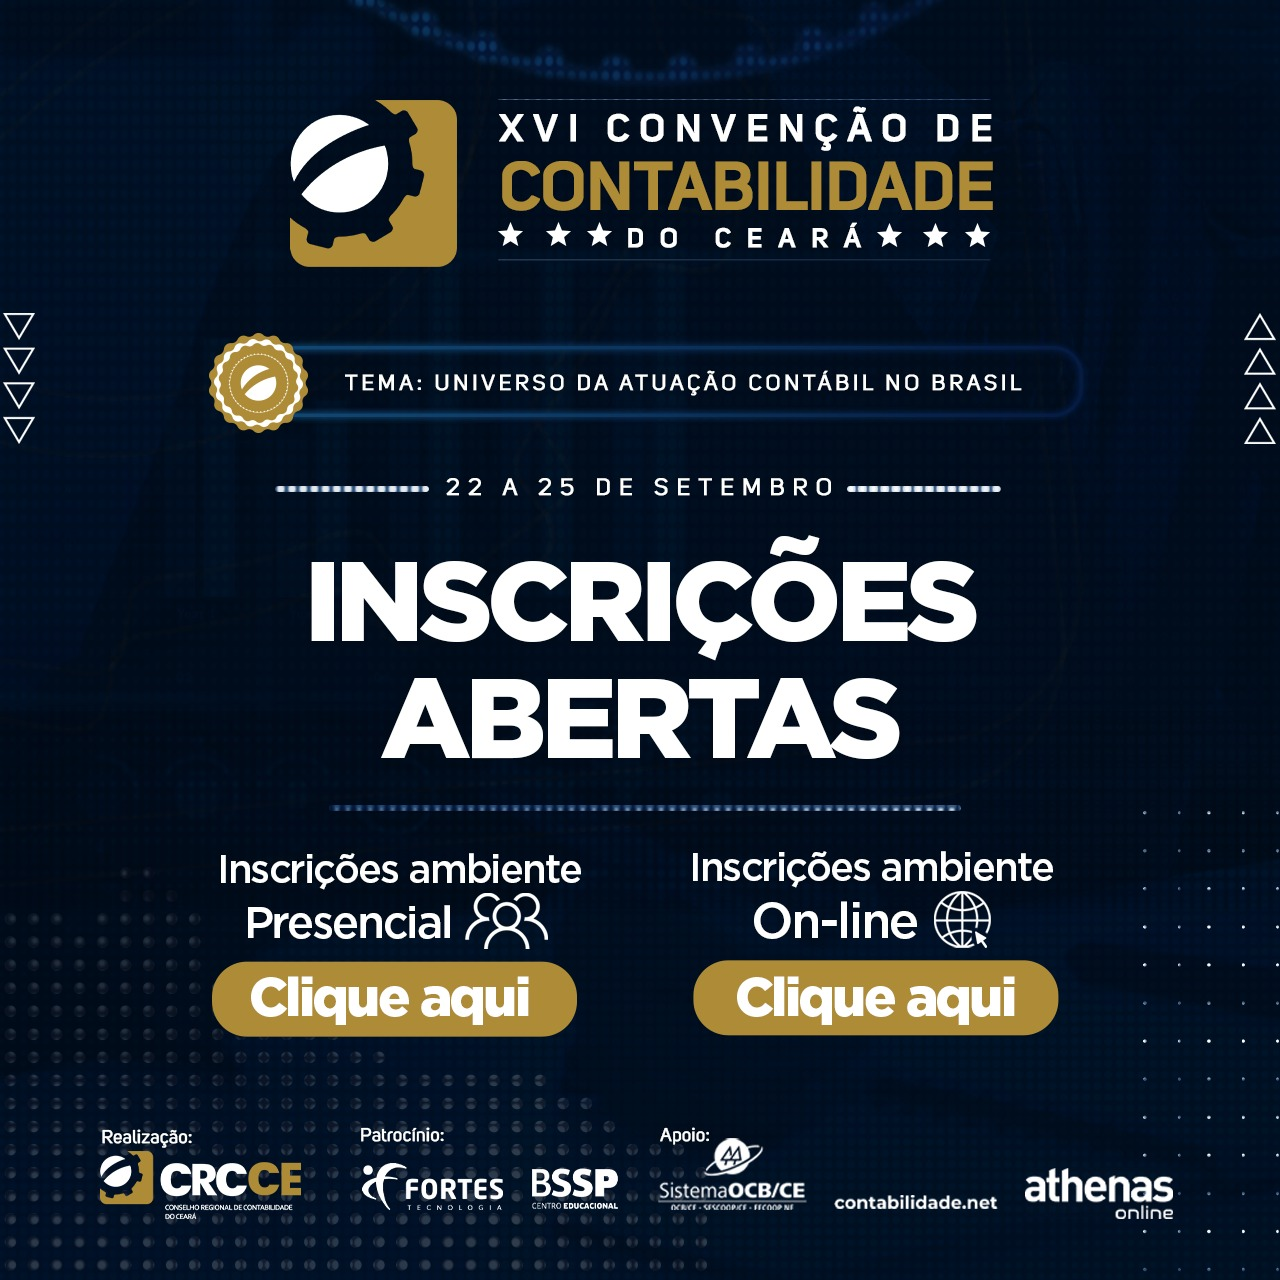 Inscrições XVI Convenção de Contabilidade do Ceará – 22 a 25 de Setembro – Ambiente Presencial e On-Line – Confira a Programação completa